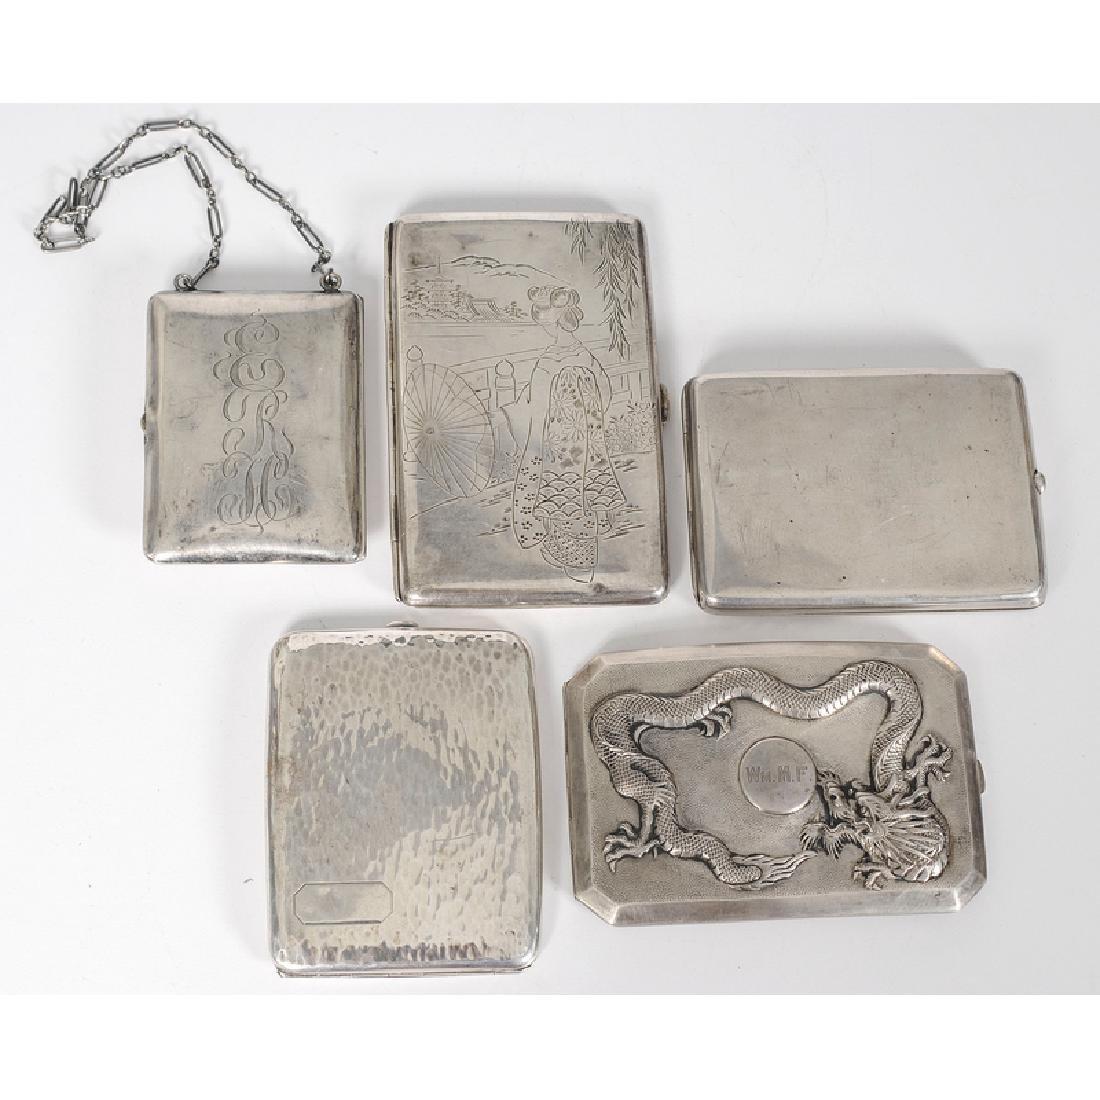 Silver Cigarette Cases